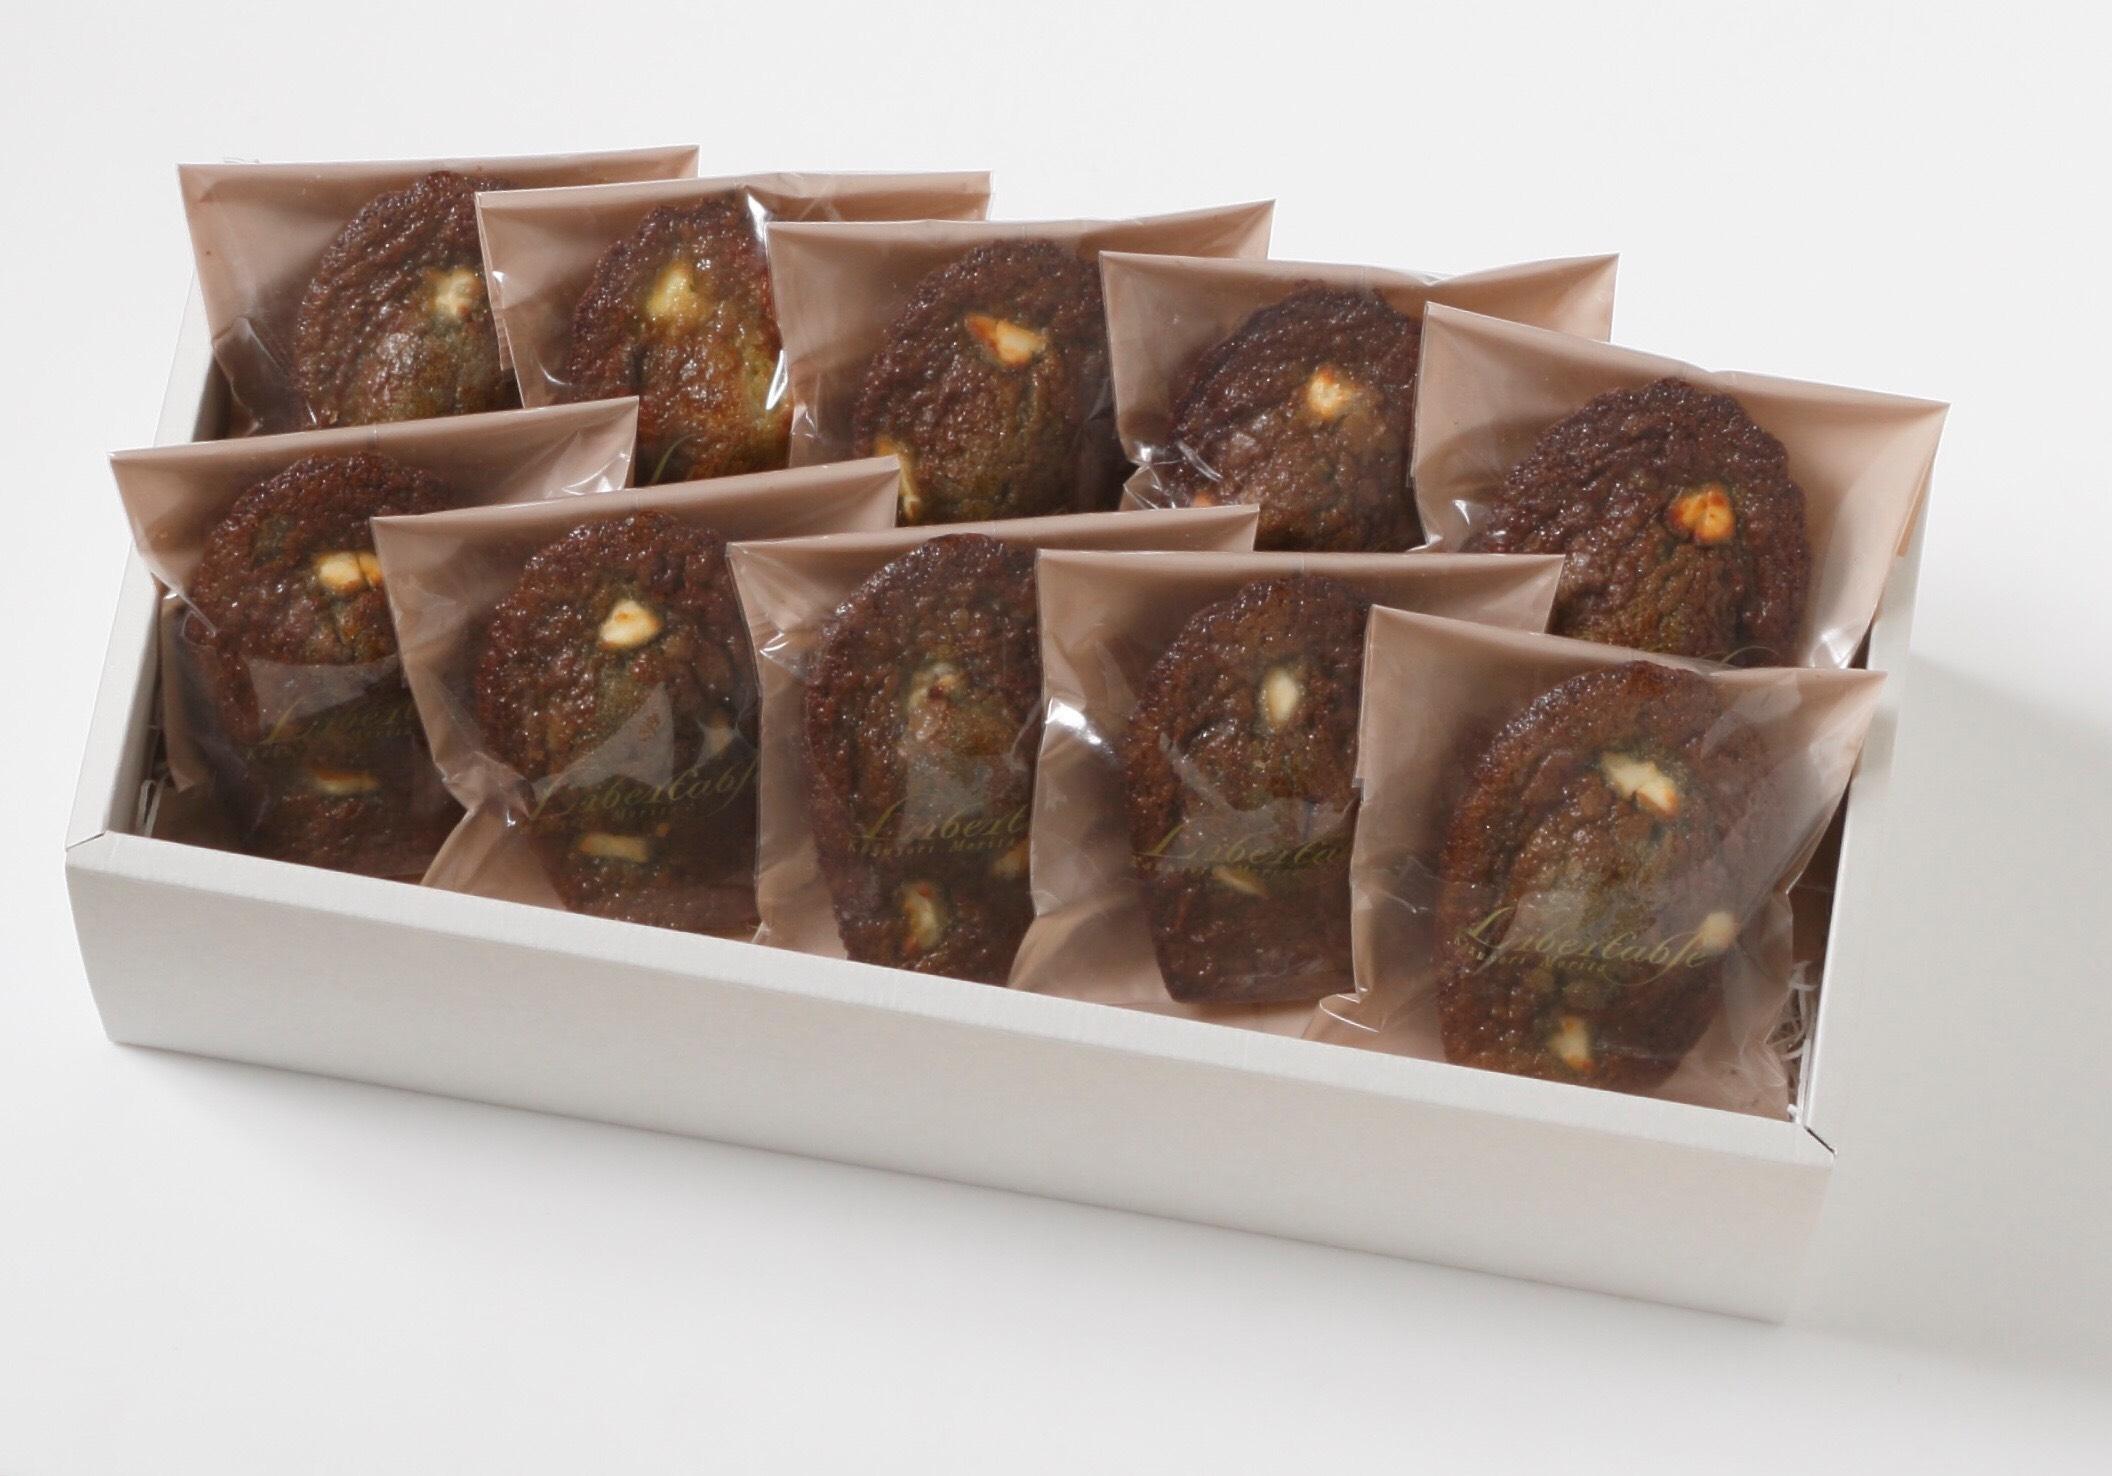 Madeleine aux truffes noir et fromage 10個入り(マドレーヌ オ トリュフ ノワール エ フロマージュ)